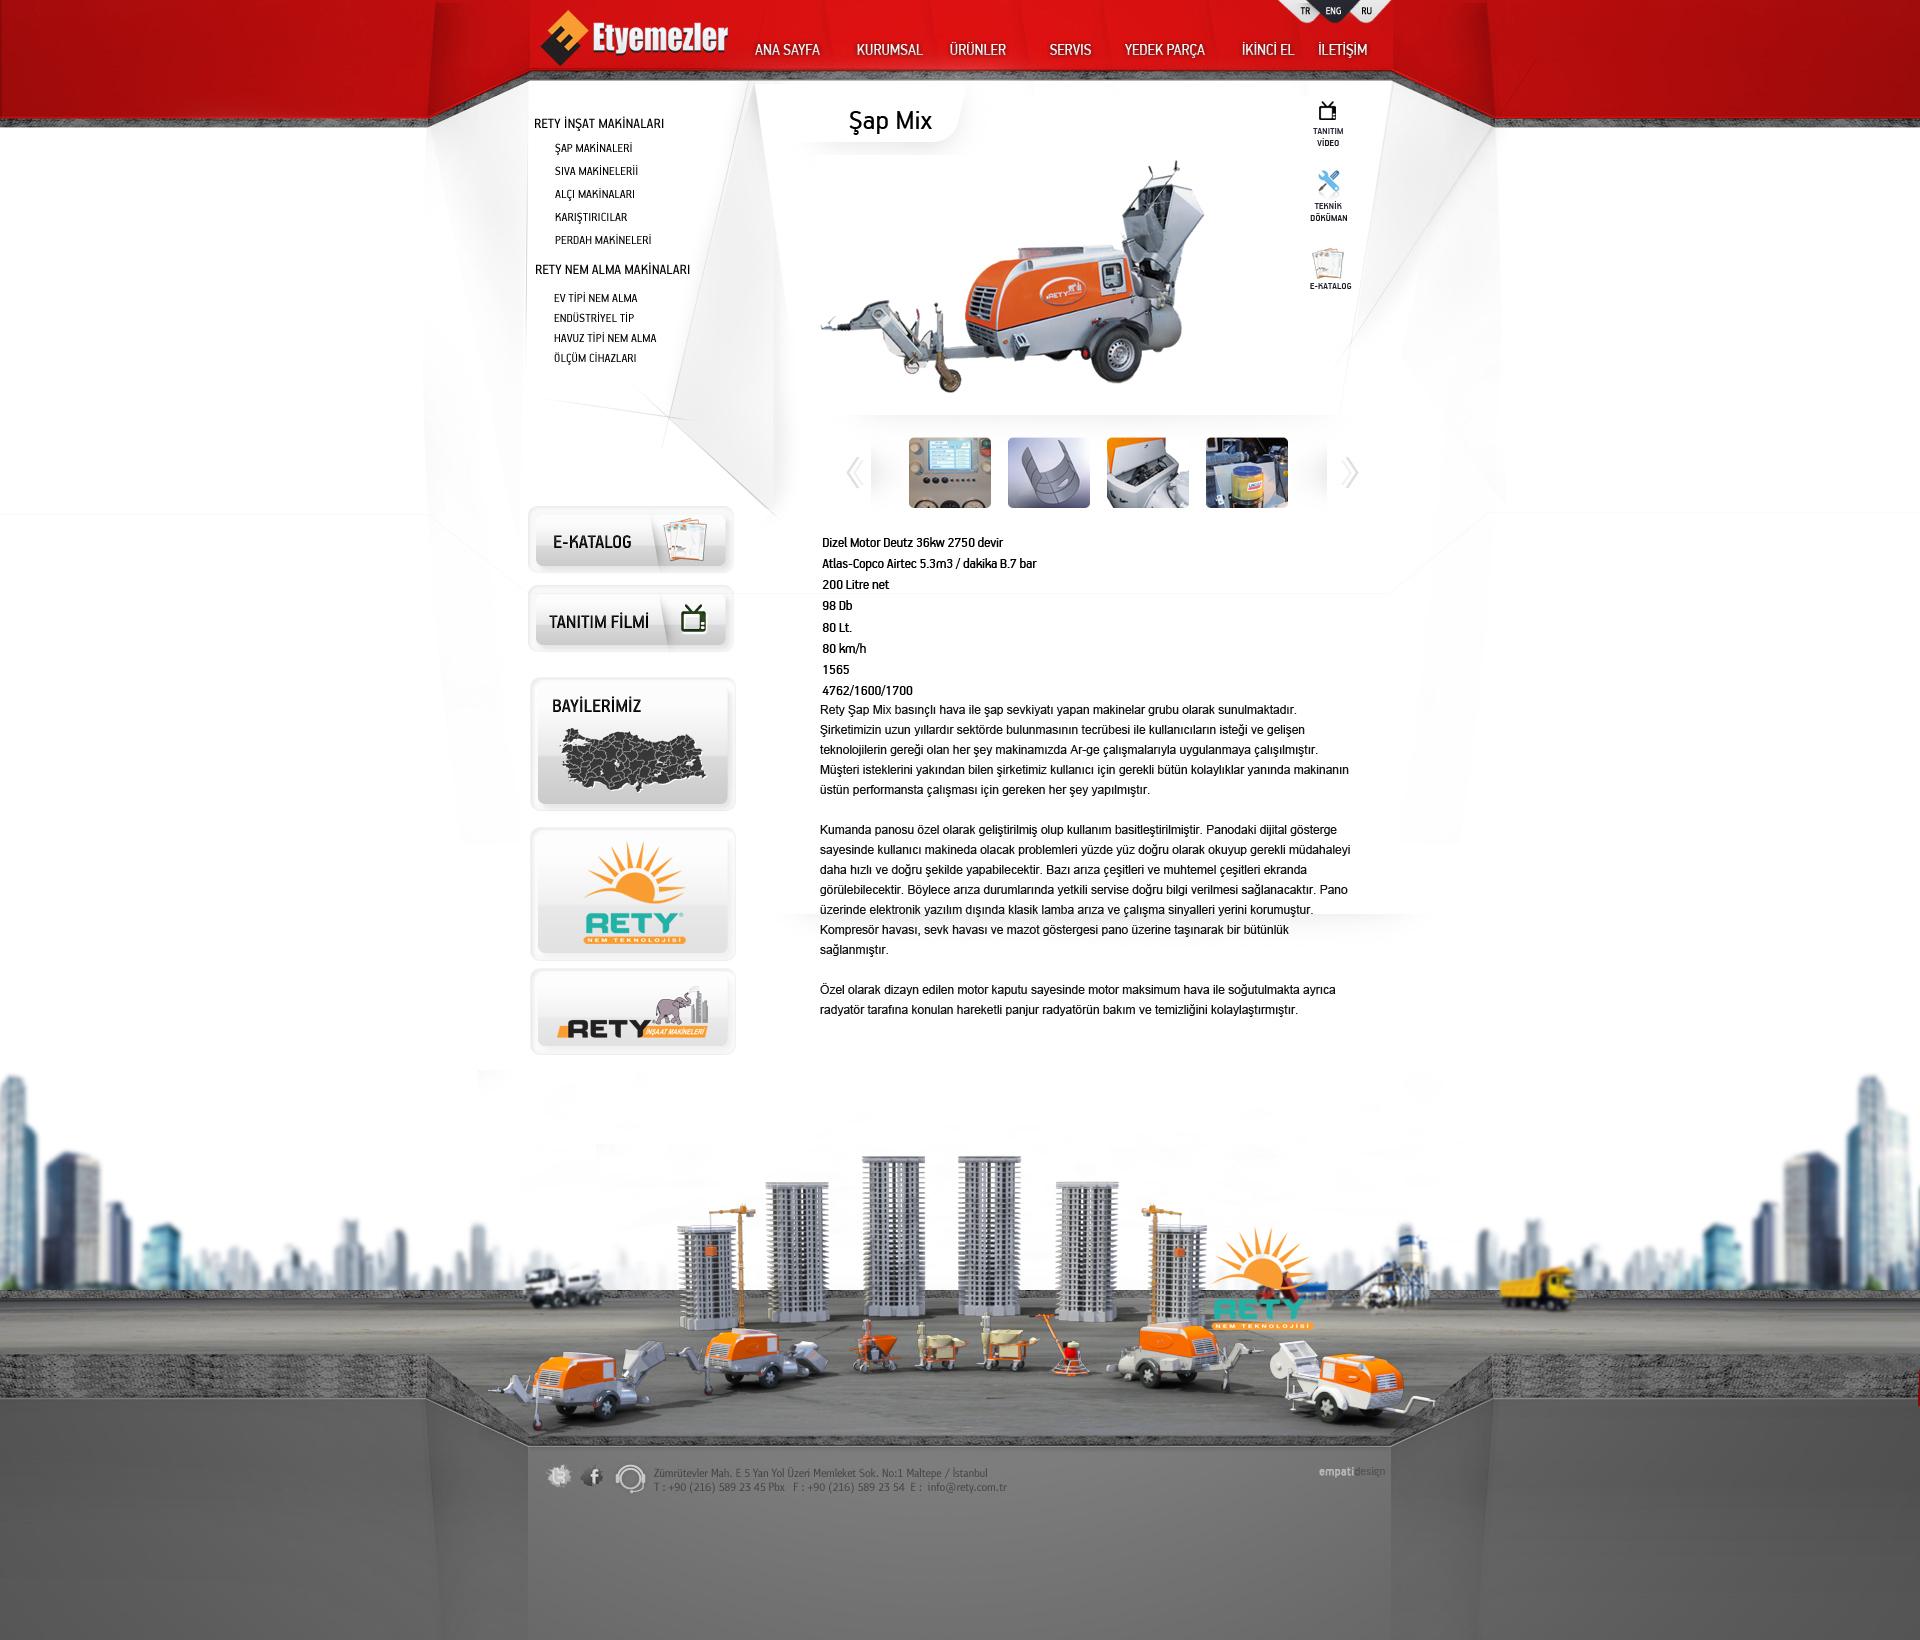 一款国外网站设计图分享 ETYEMEZLER公司网站设计效果图